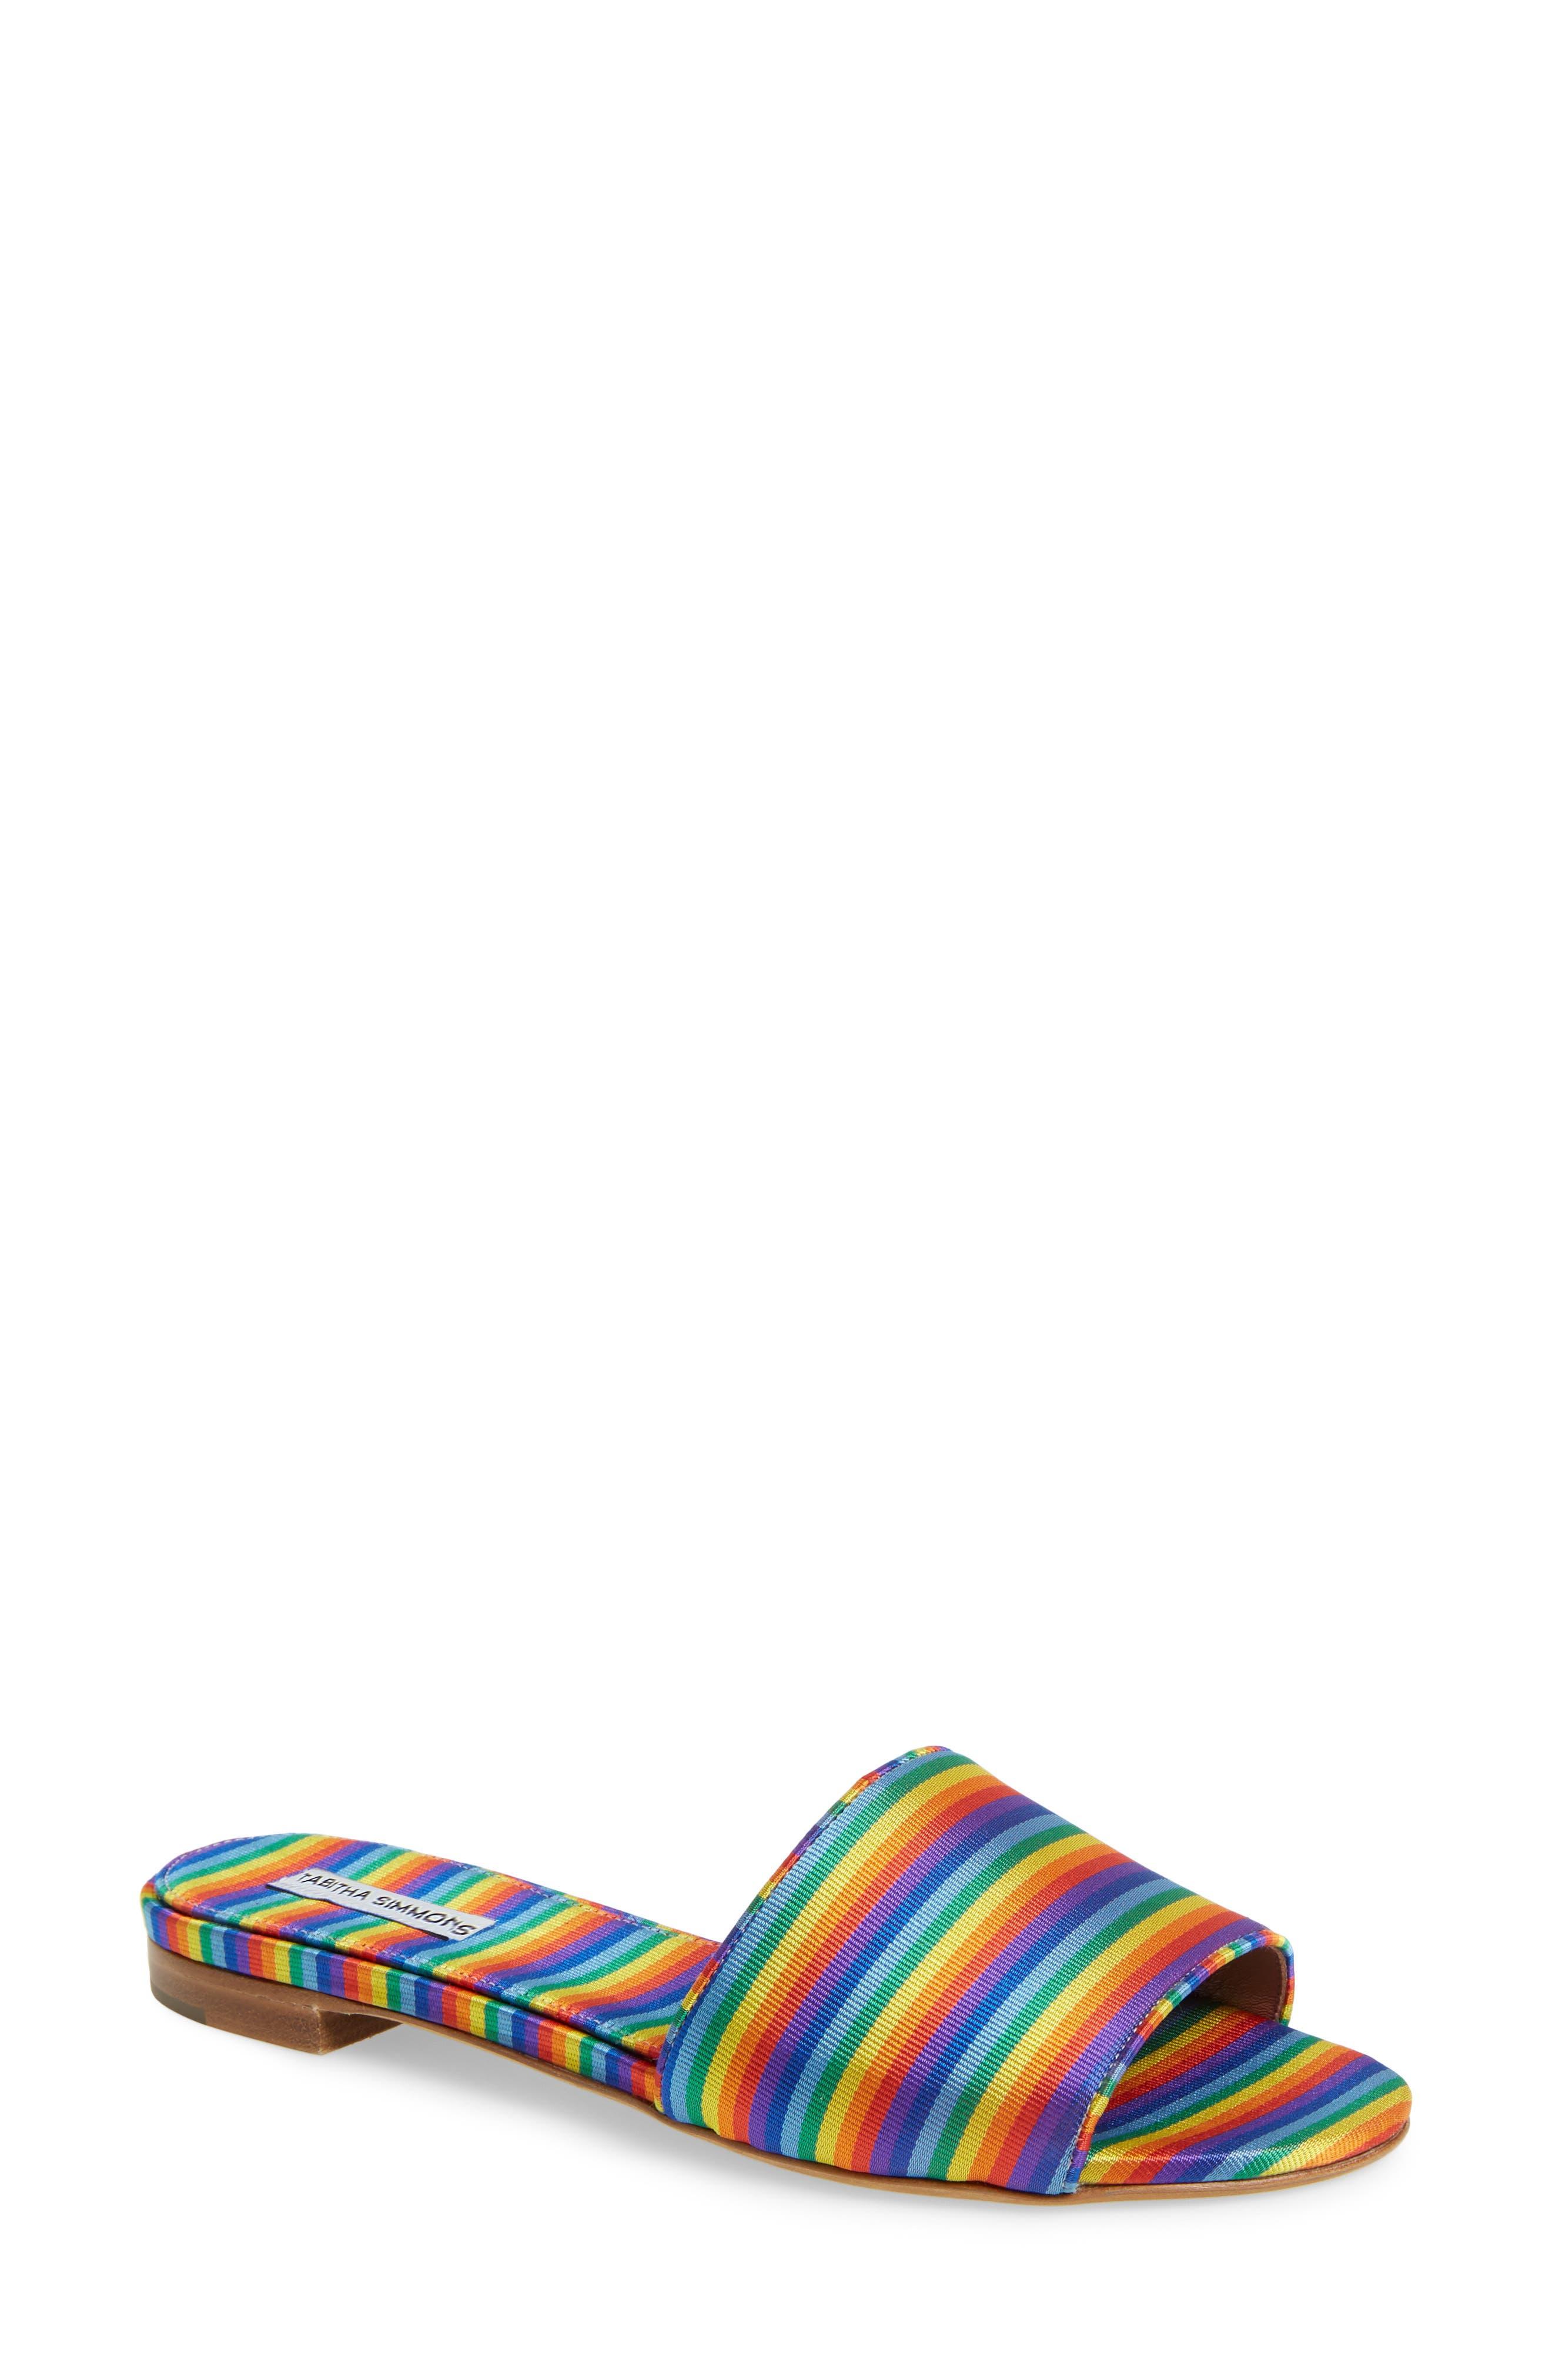 Sprinkles Slide Sandal,                         Main,                         color, 600